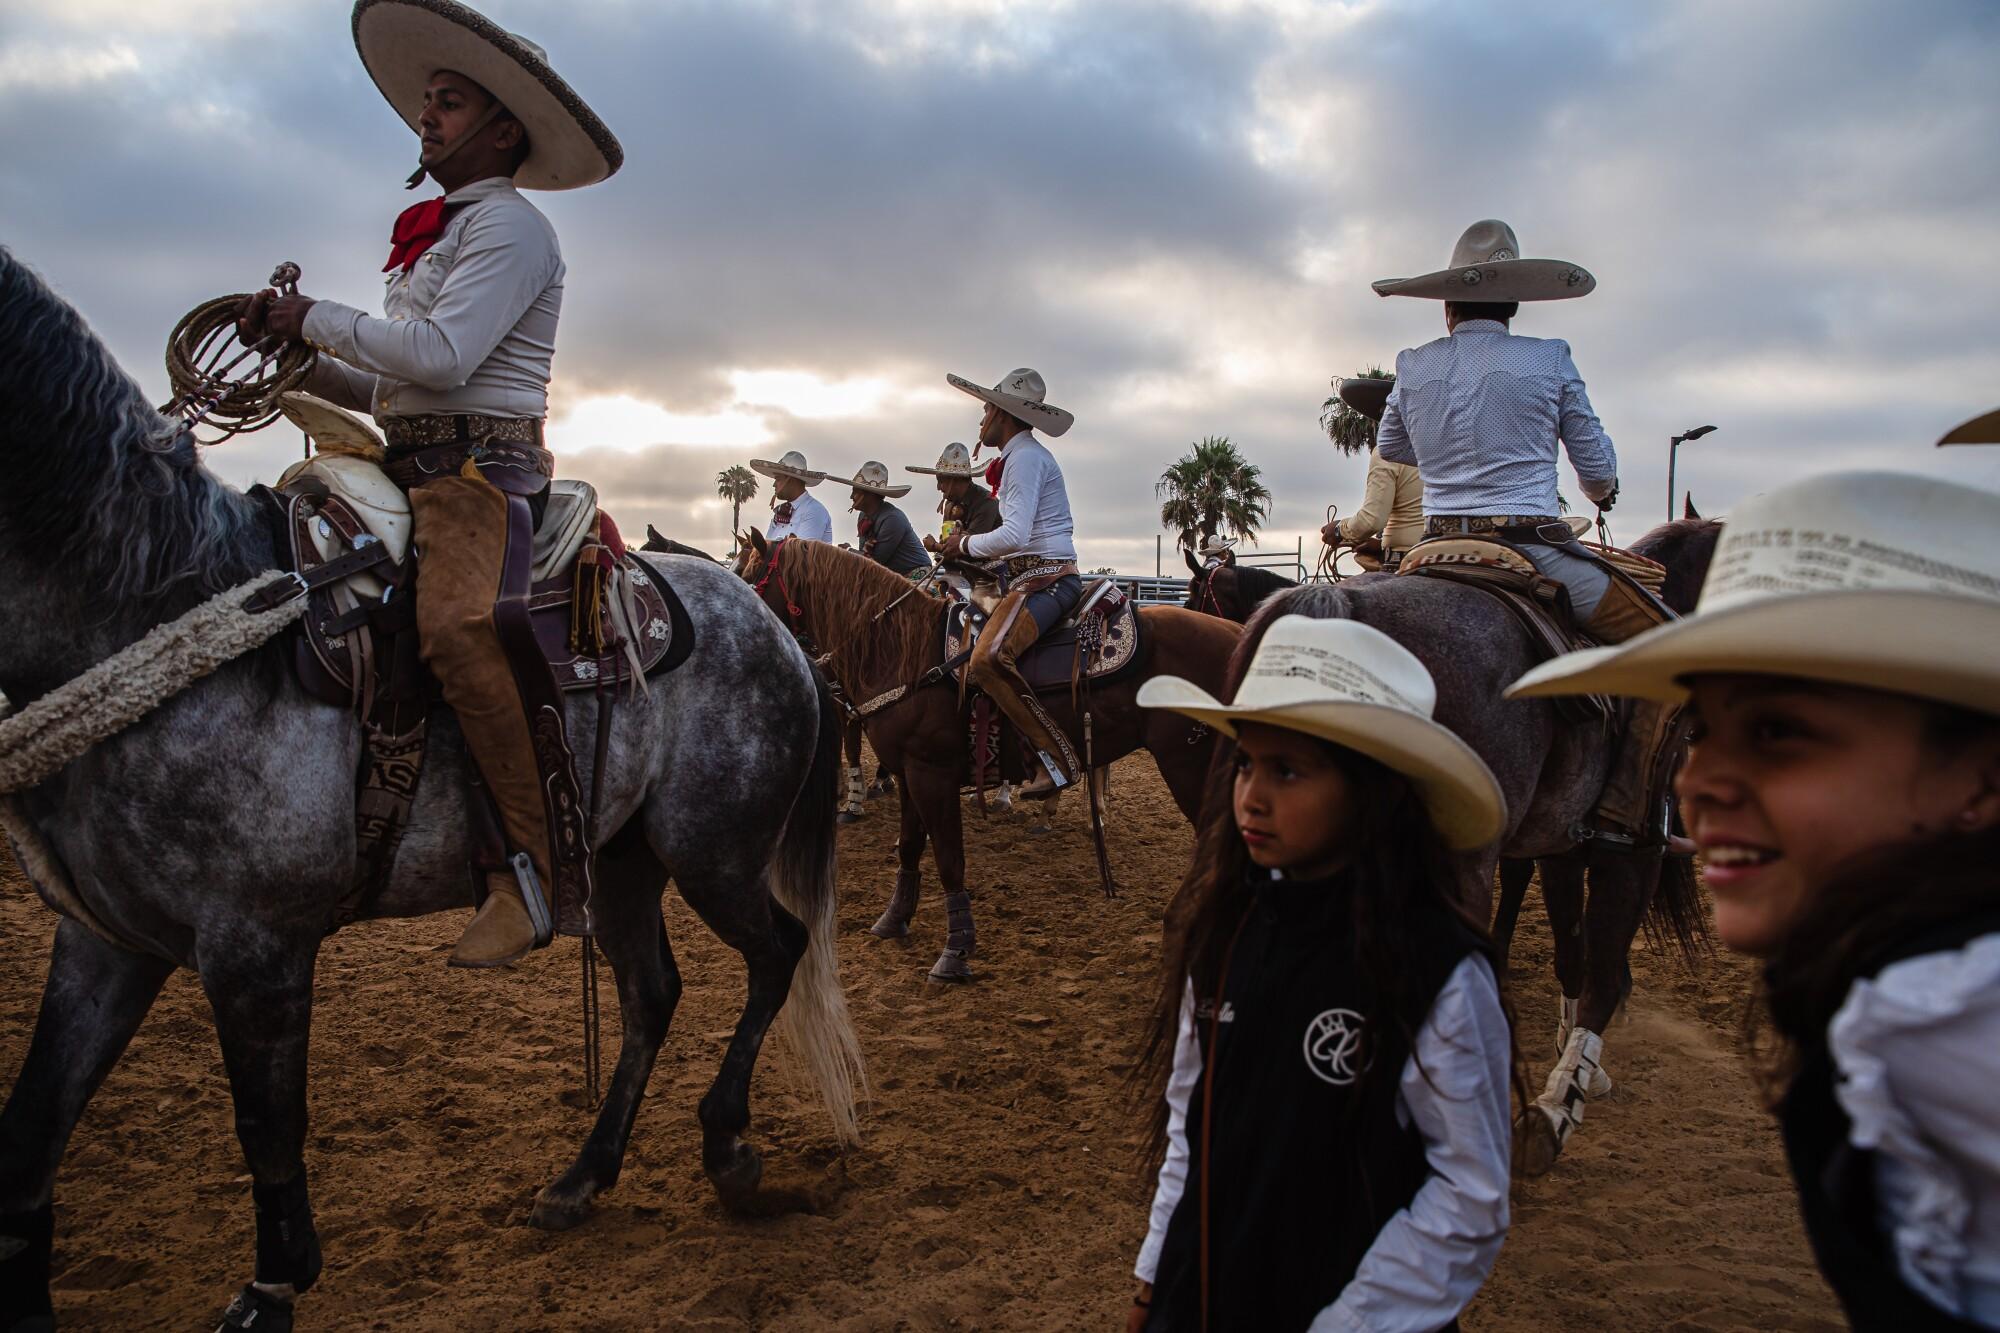 Hombres con trajes tradicionales de charro asisten al concurso de charrería en el Rancho La Laguna